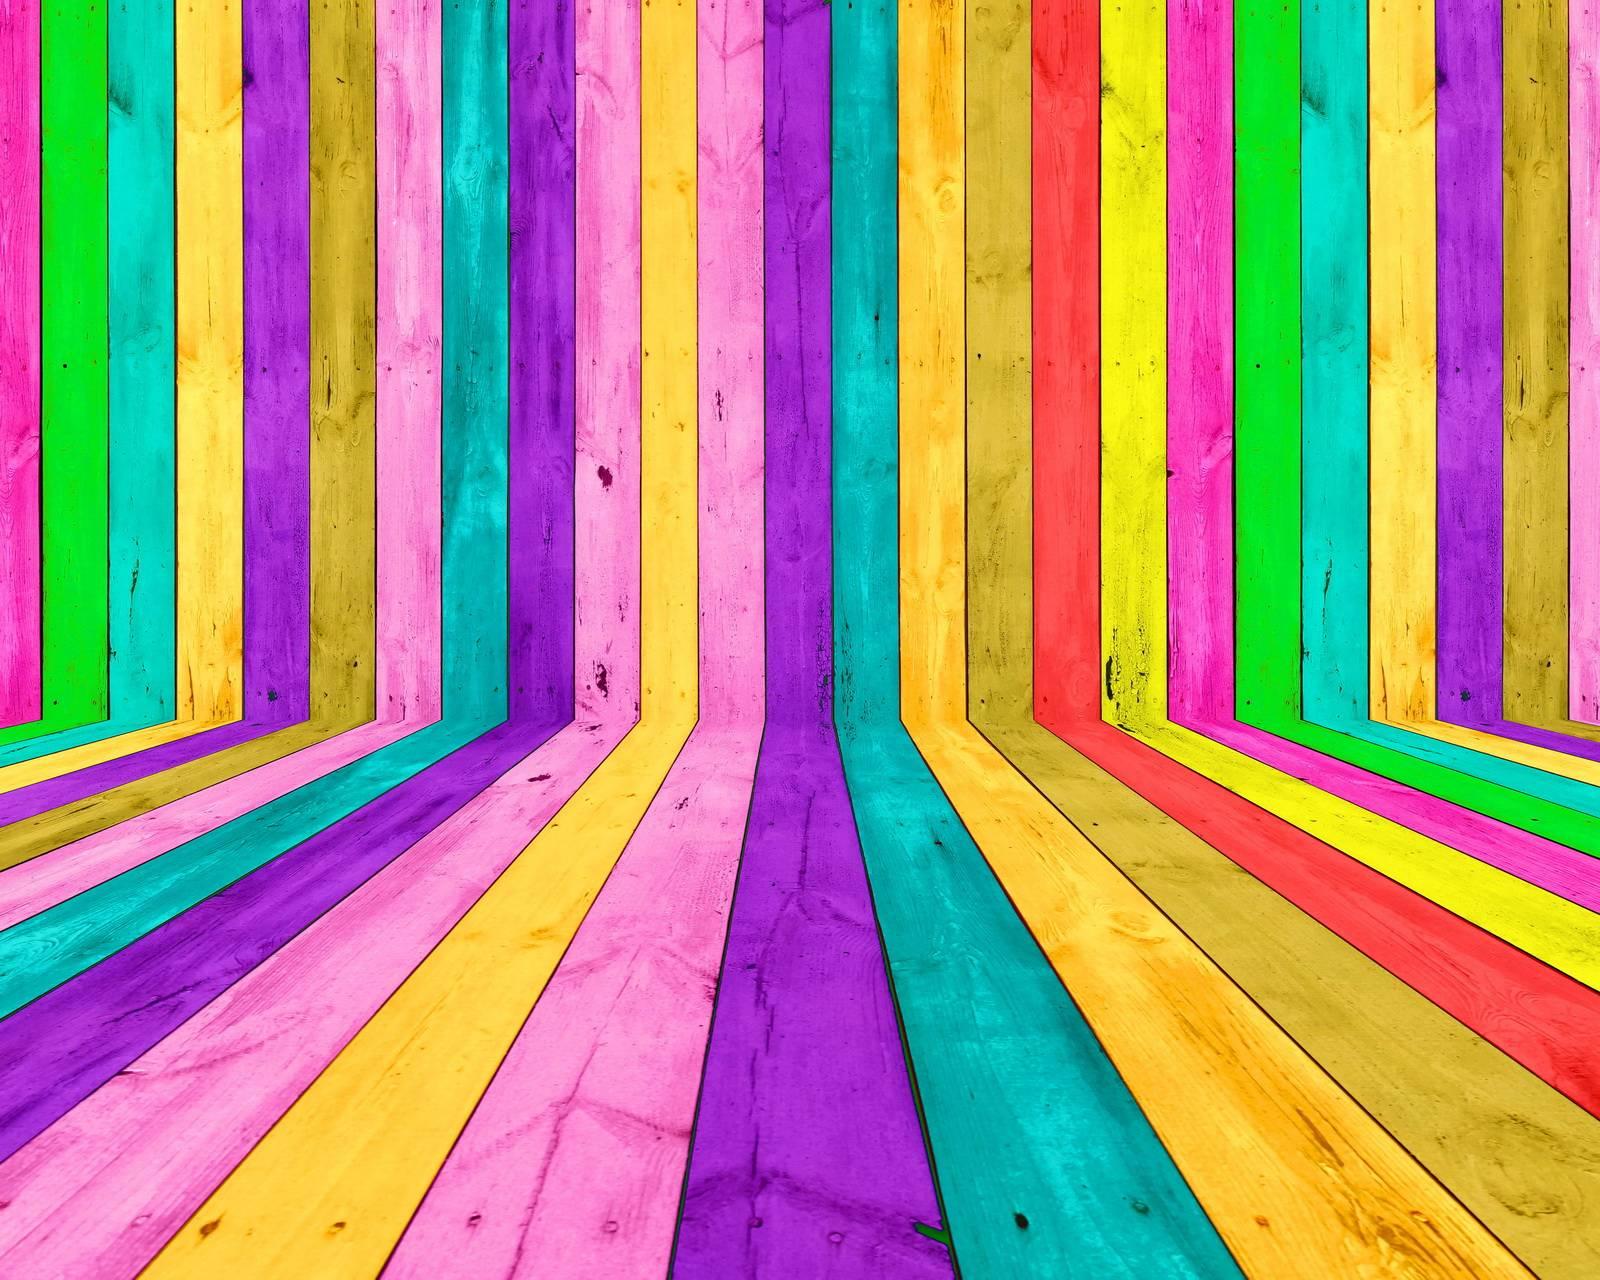 Colorful Wood Hd